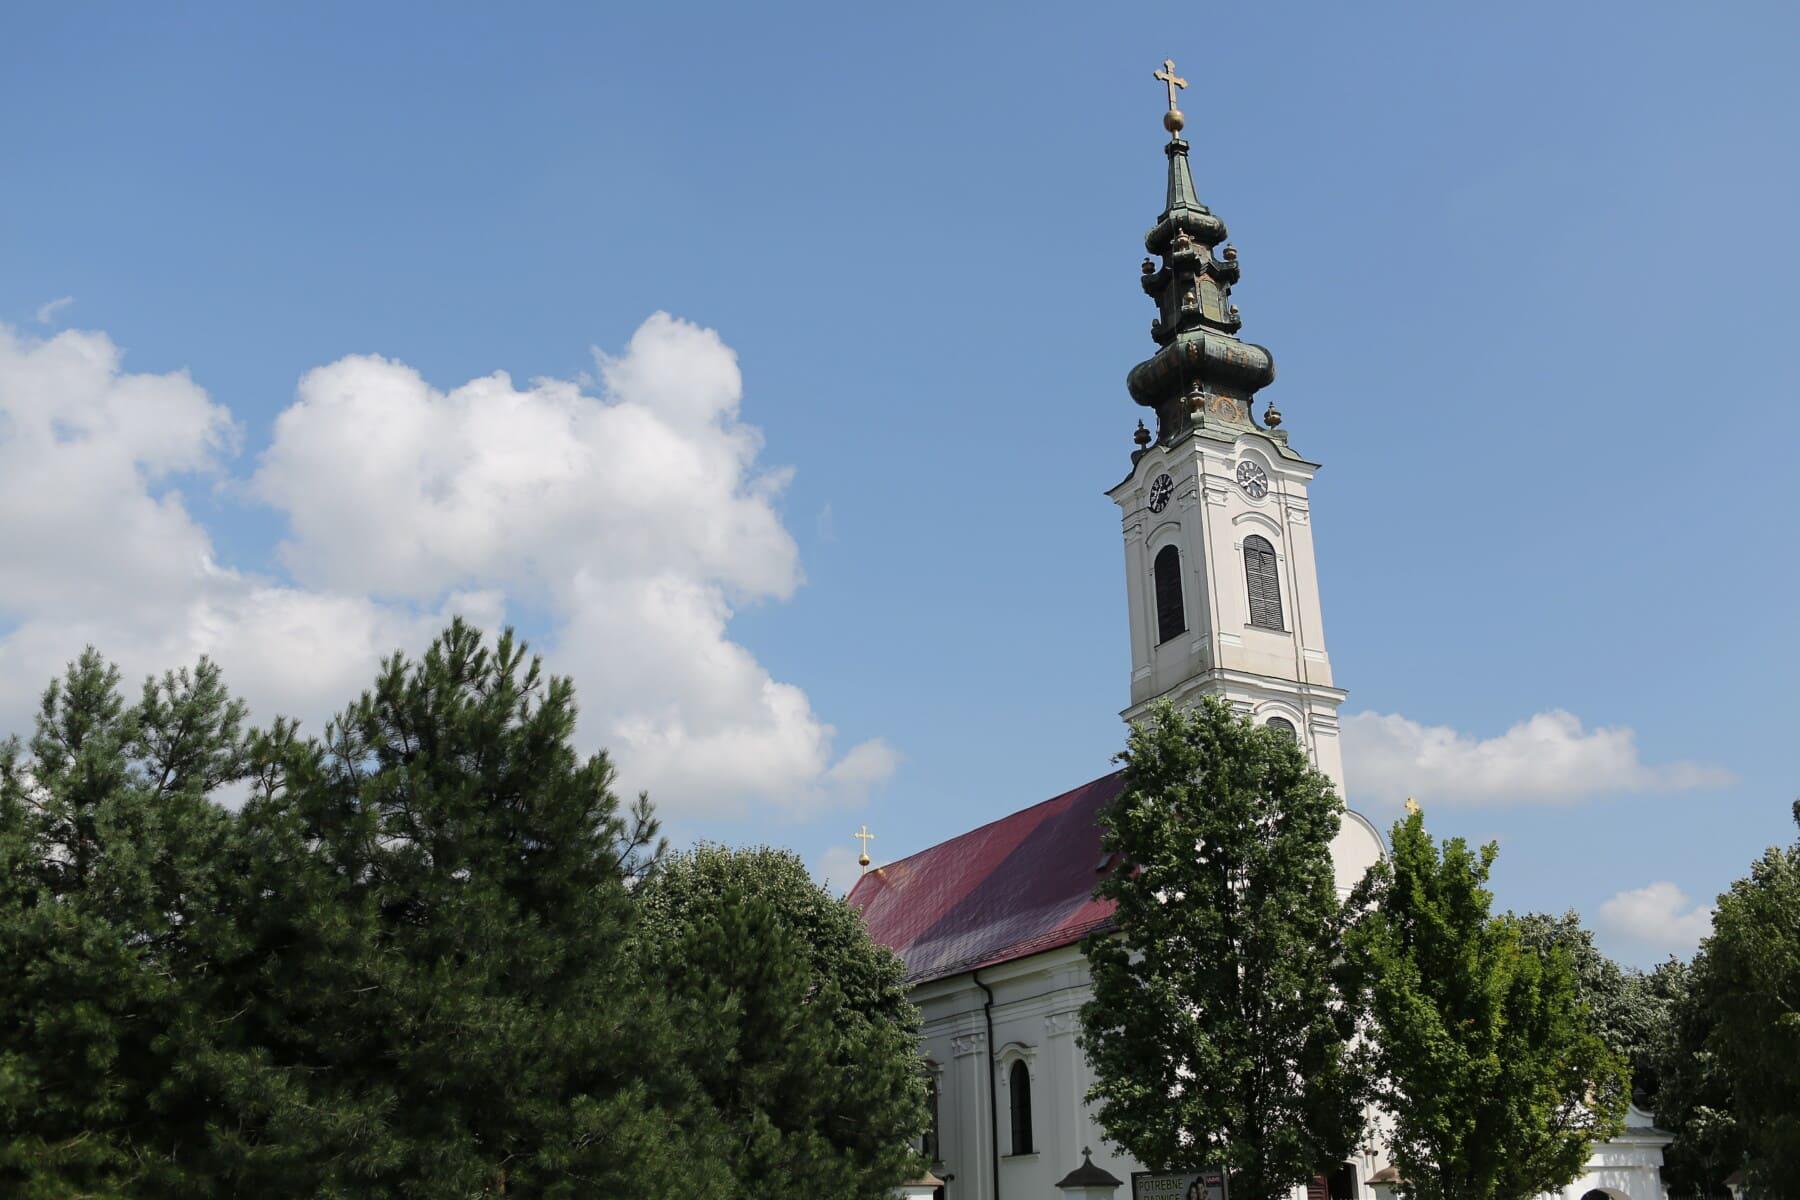 Bačka Palanka, pravoslavna crkva, crkveni toranj, Srbija, crkva, kršćanski, visok, toranj, arhitektura, zgrada, religija